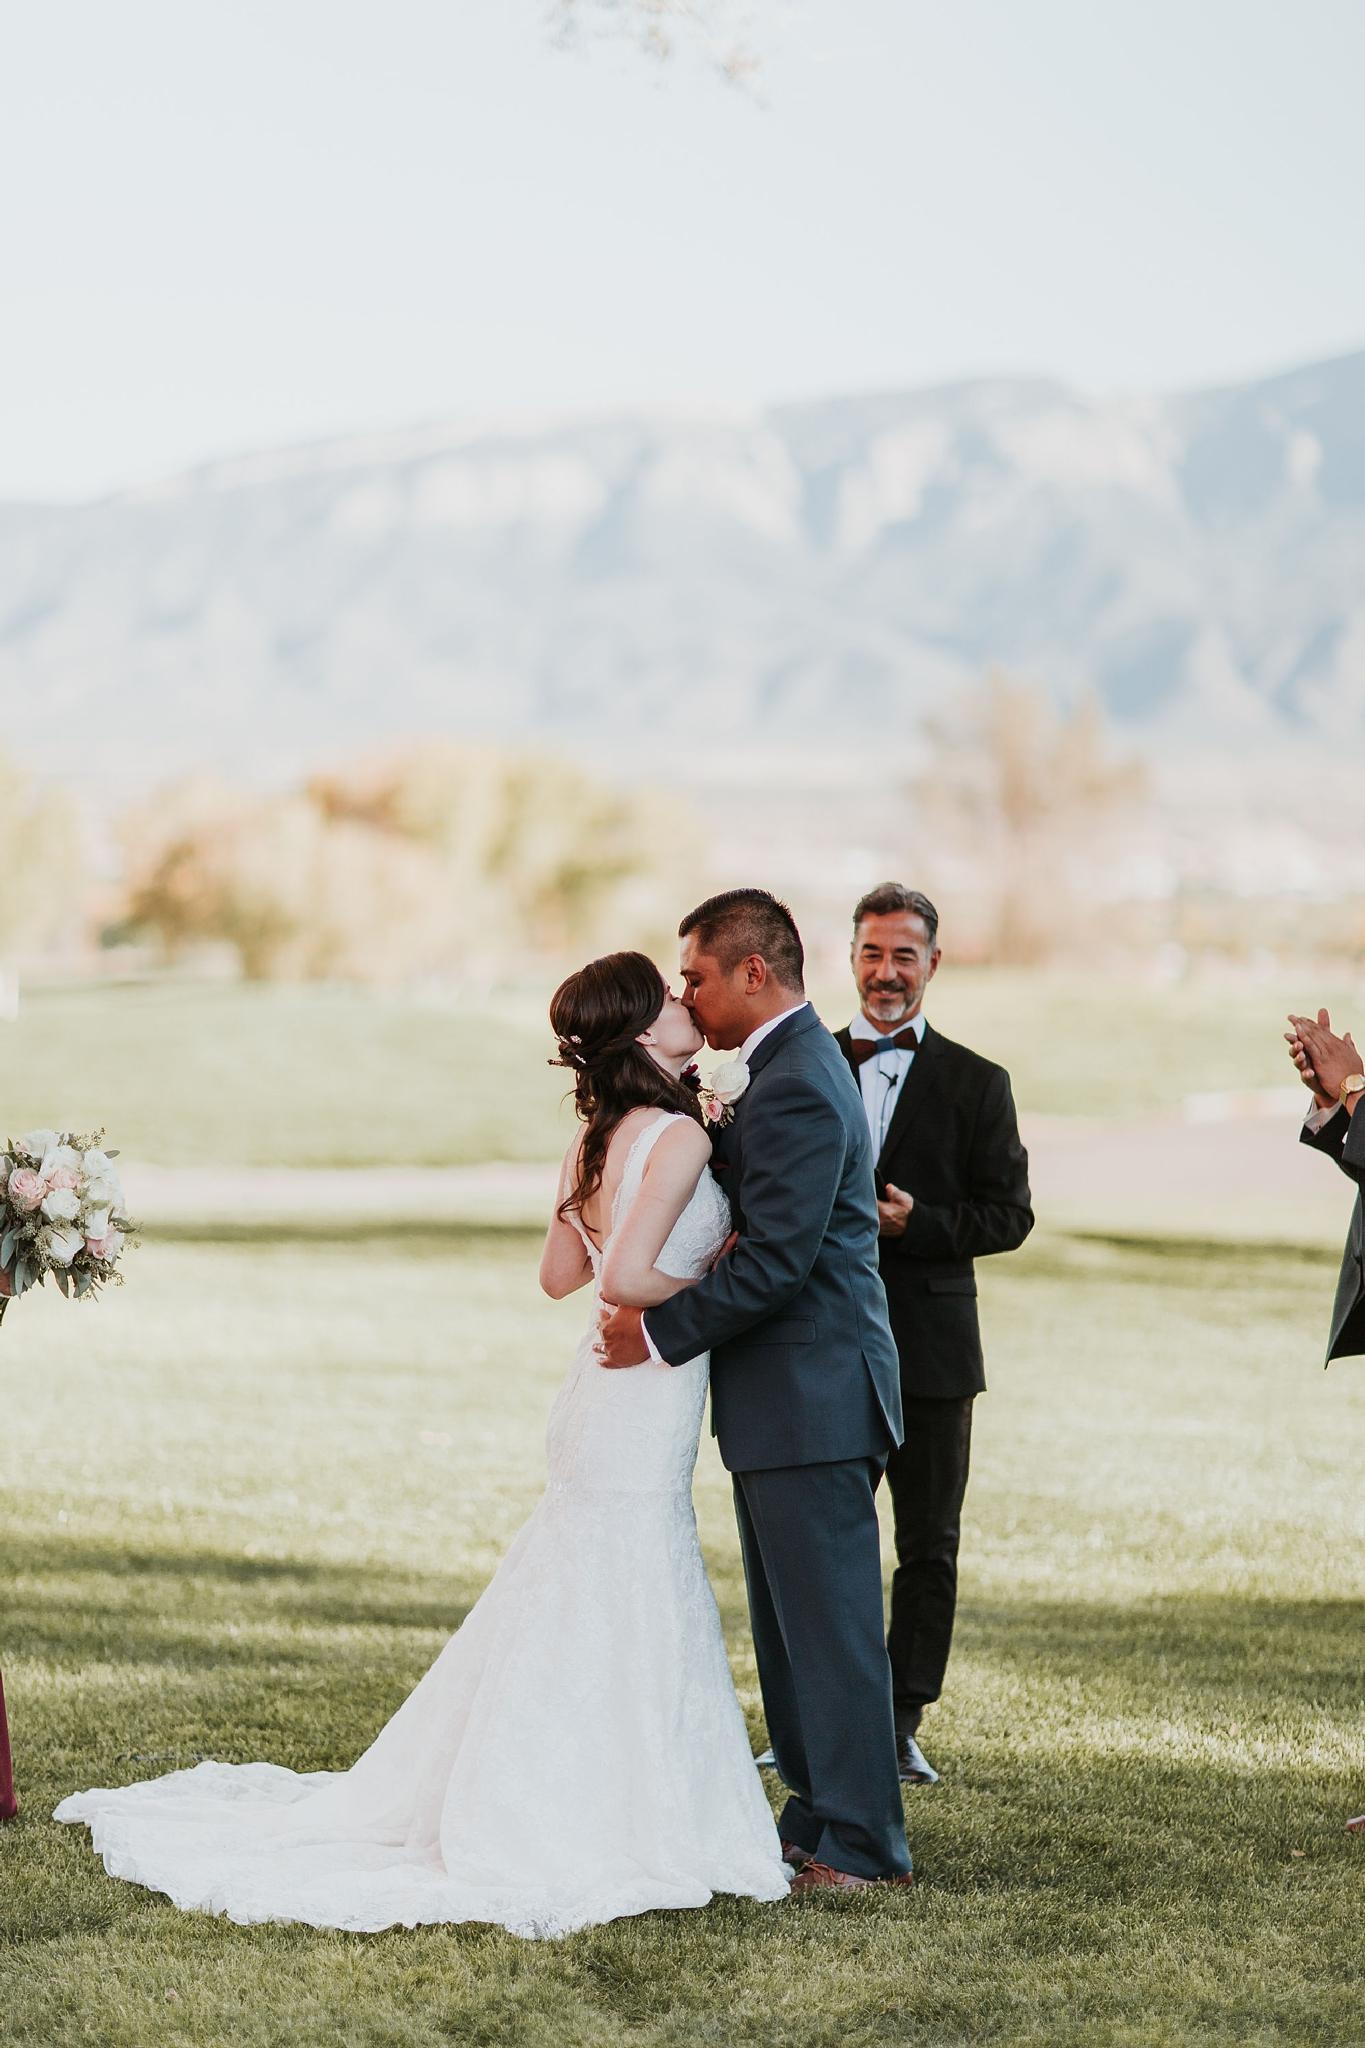 Alicia+lucia+photography+-+albuquerque+wedding+photographer+-+santa+fe+wedding+photography+-+new+mexico+wedding+photographer+-+new+mexico+wedding+-+wedding+vows+-+writing+your+own+vows+-+wedding+inspo_0013.jpg